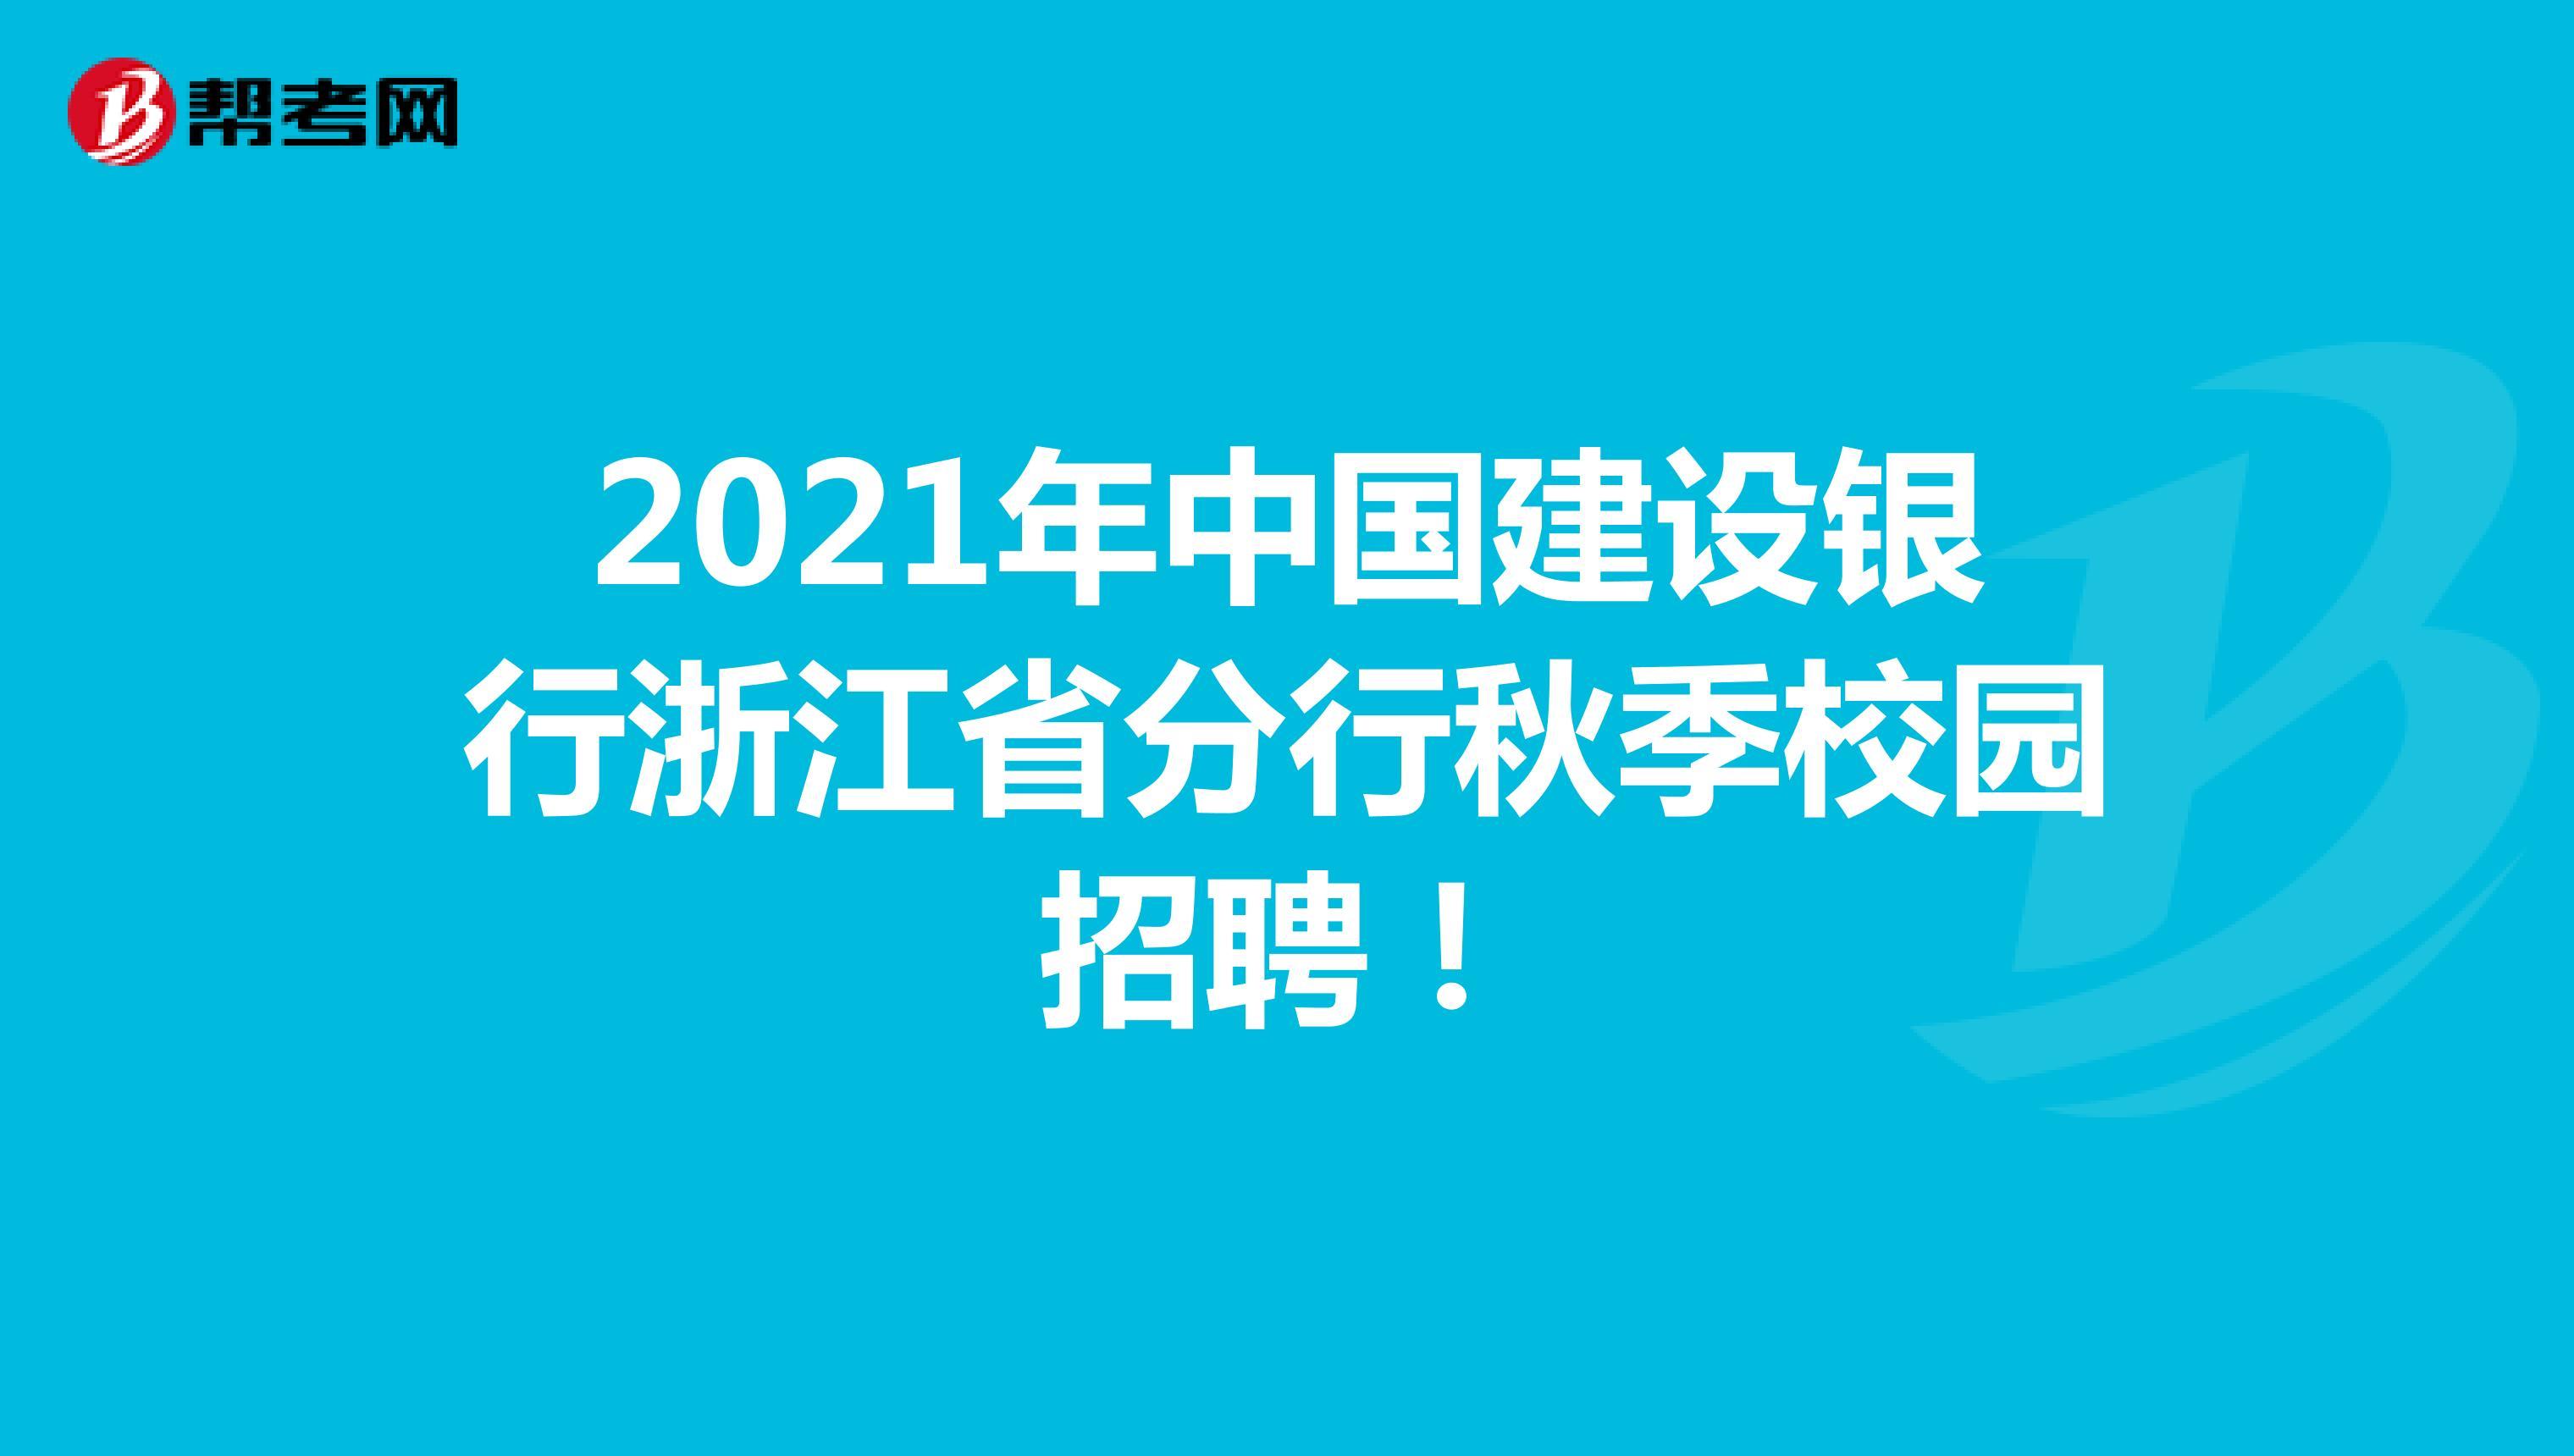 2021年中國建設銀行浙江省分行秋季校園招聘!